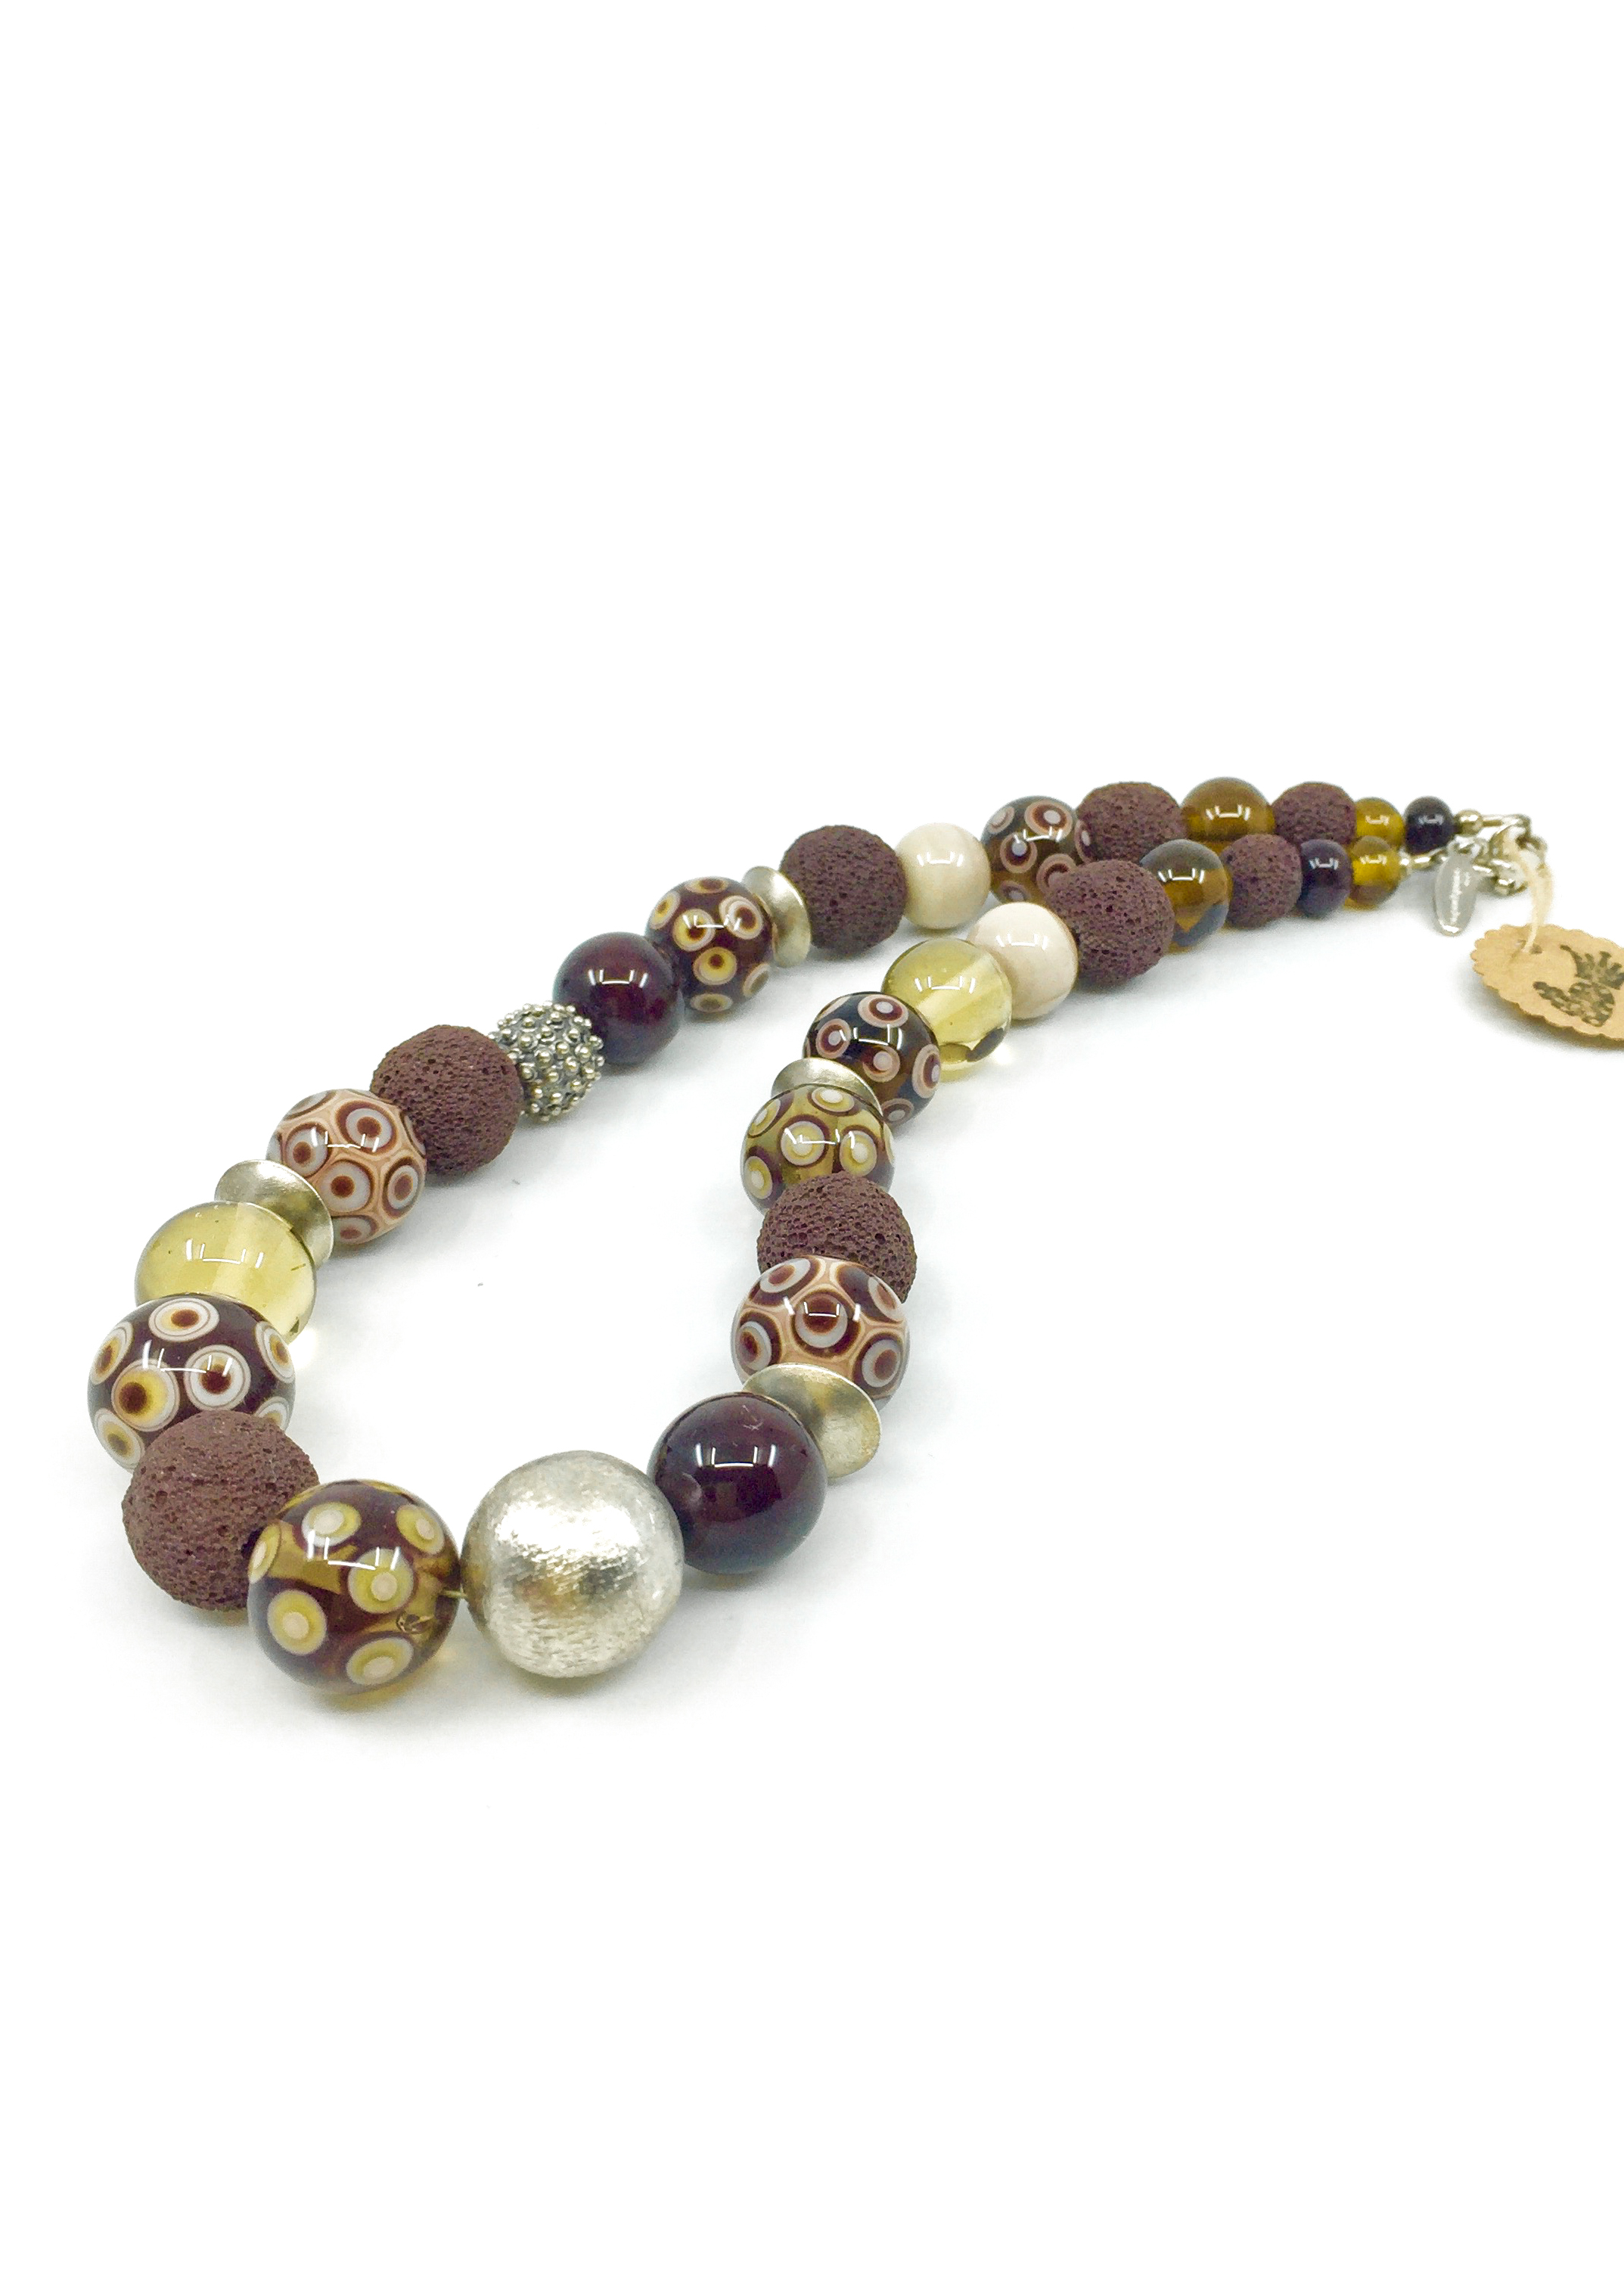 Kunsthandwerk Halskette braun Himmelsperlen